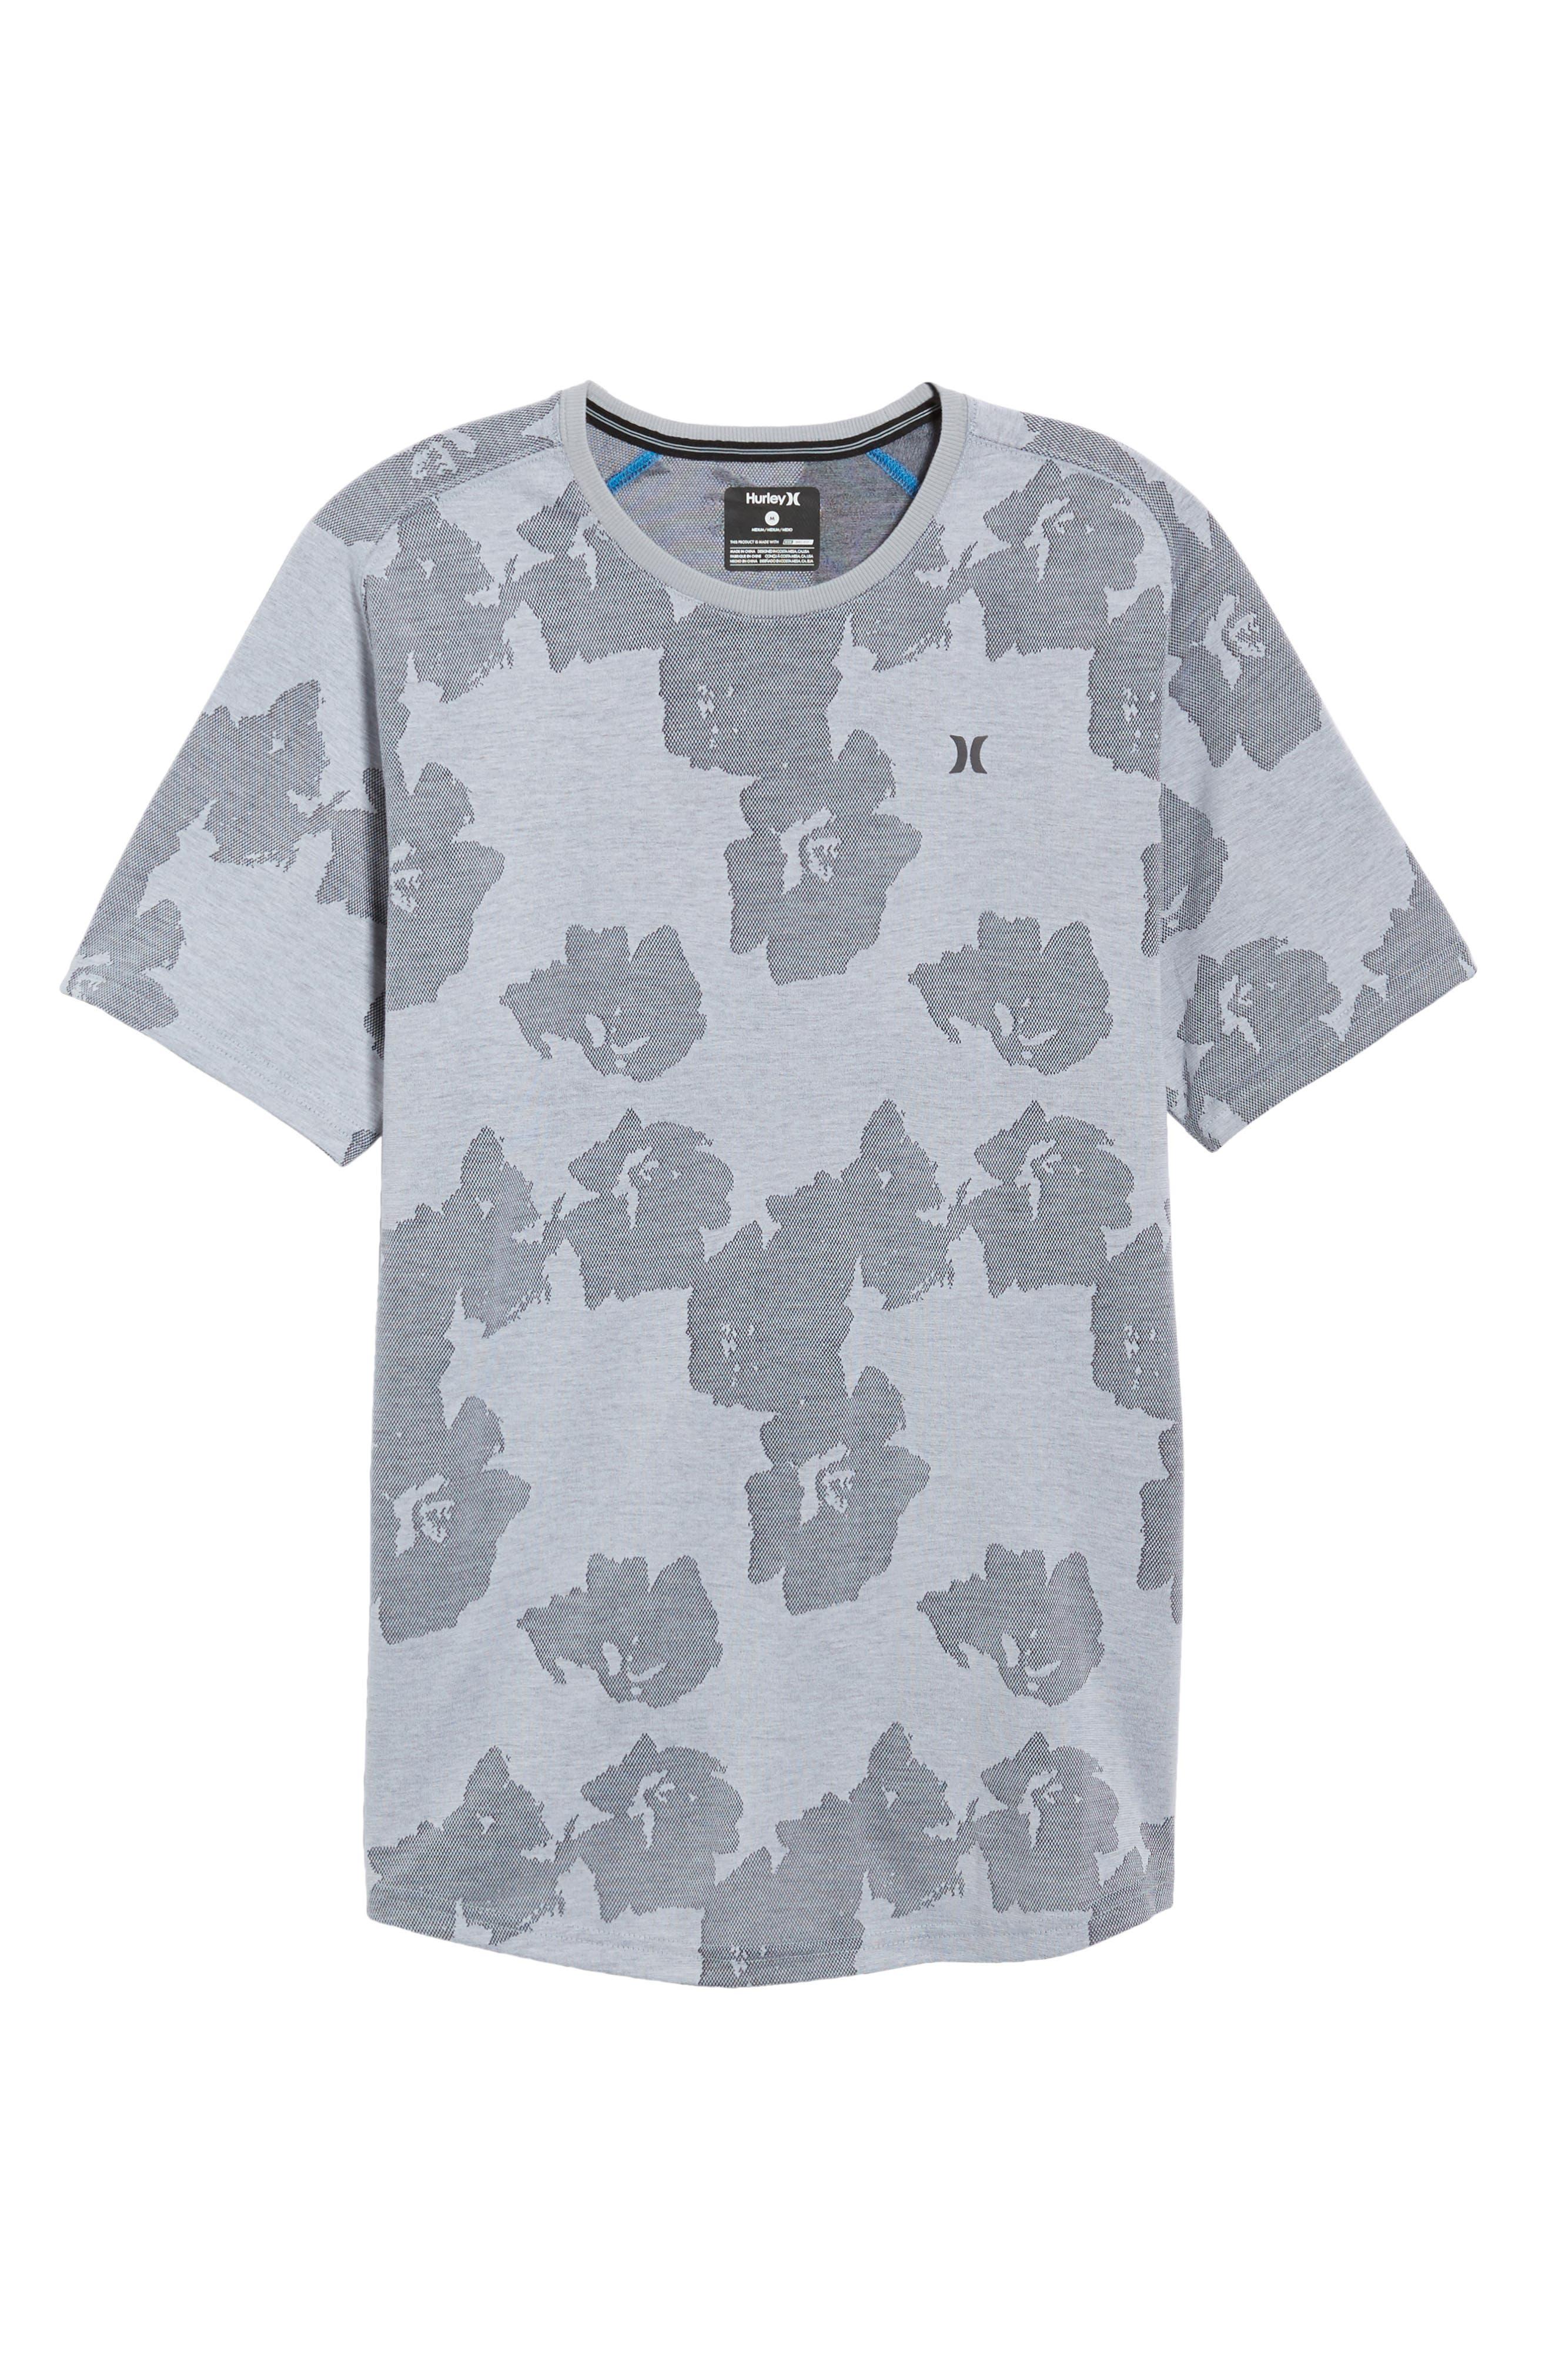 Aloha Dri-FIT T-Shirt,                             Alternate thumbnail 6, color,                             109